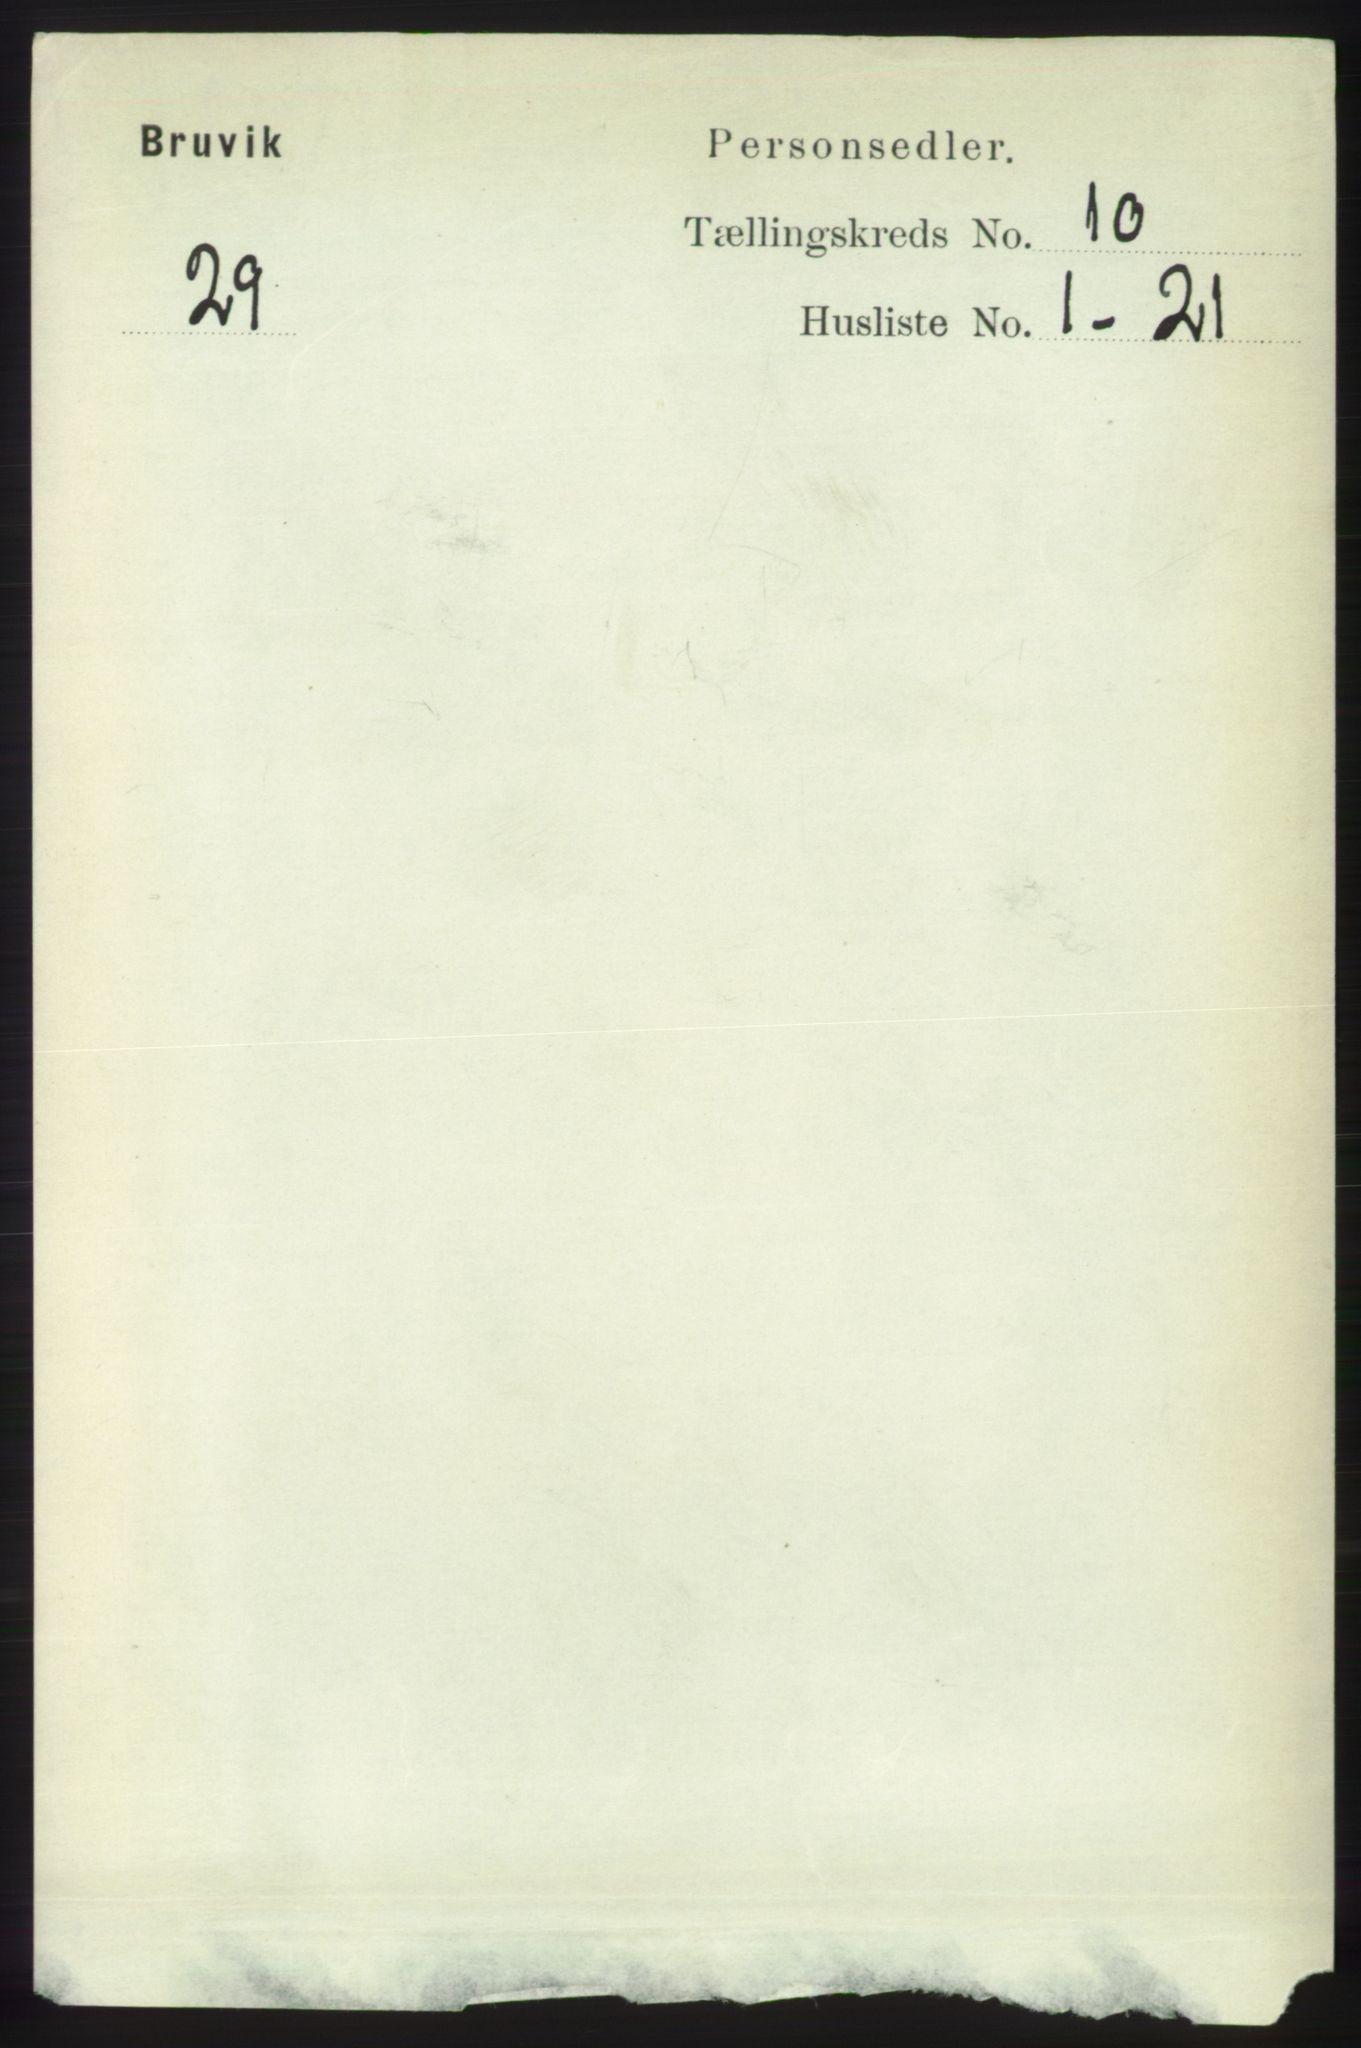 RA, Folketelling 1891 for 1251 Bruvik herred, 1891, s. 3653